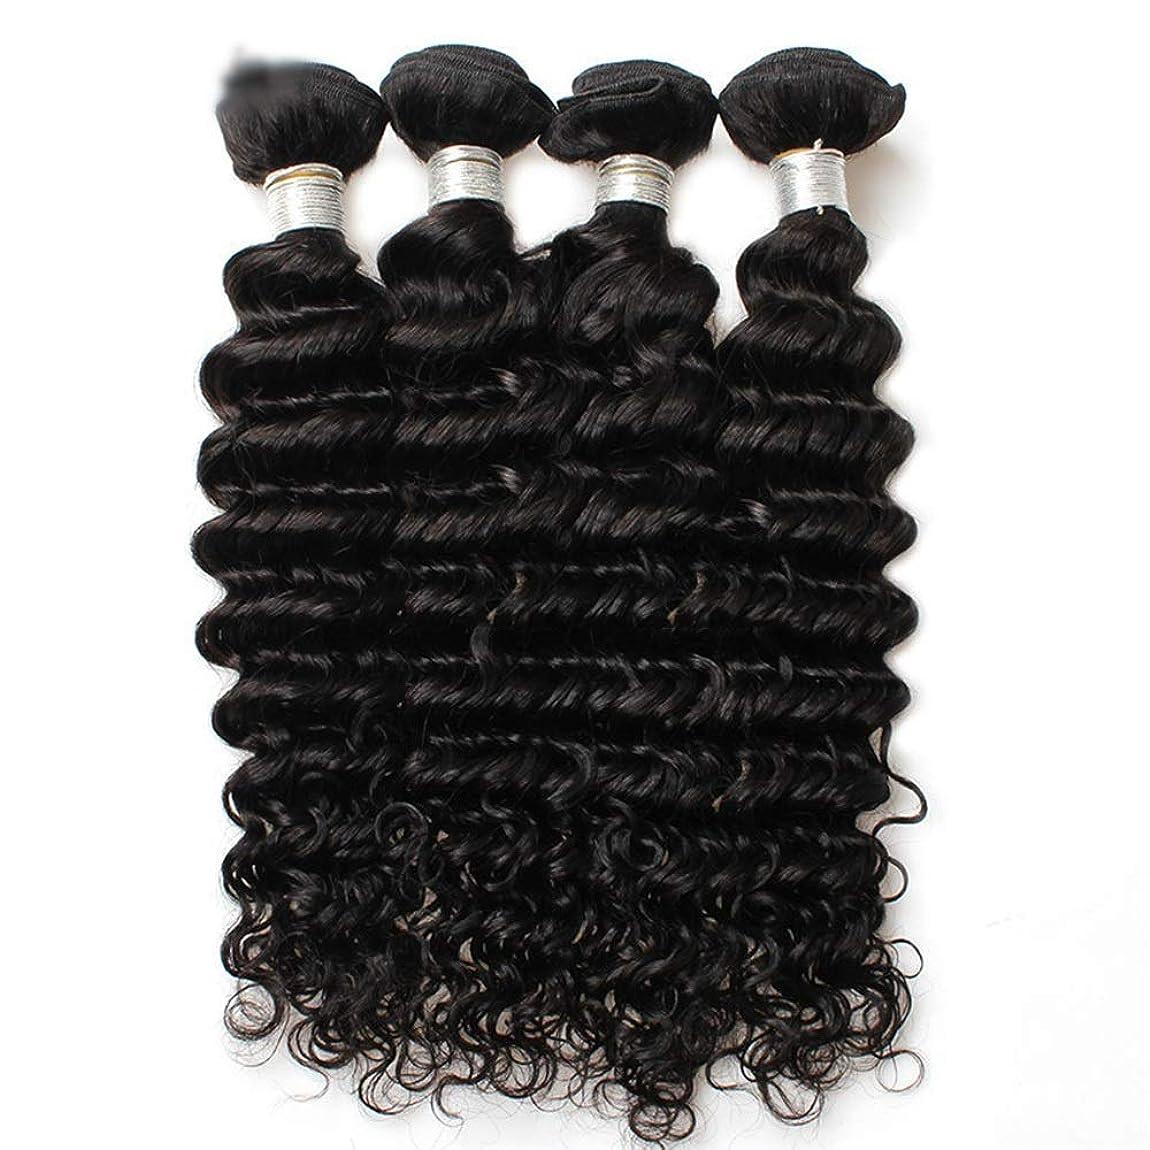 YESONEEP 7Aブラジルディープウェーブ人間の髪の束 - ナチュラルカラーヘアエクステンション(10